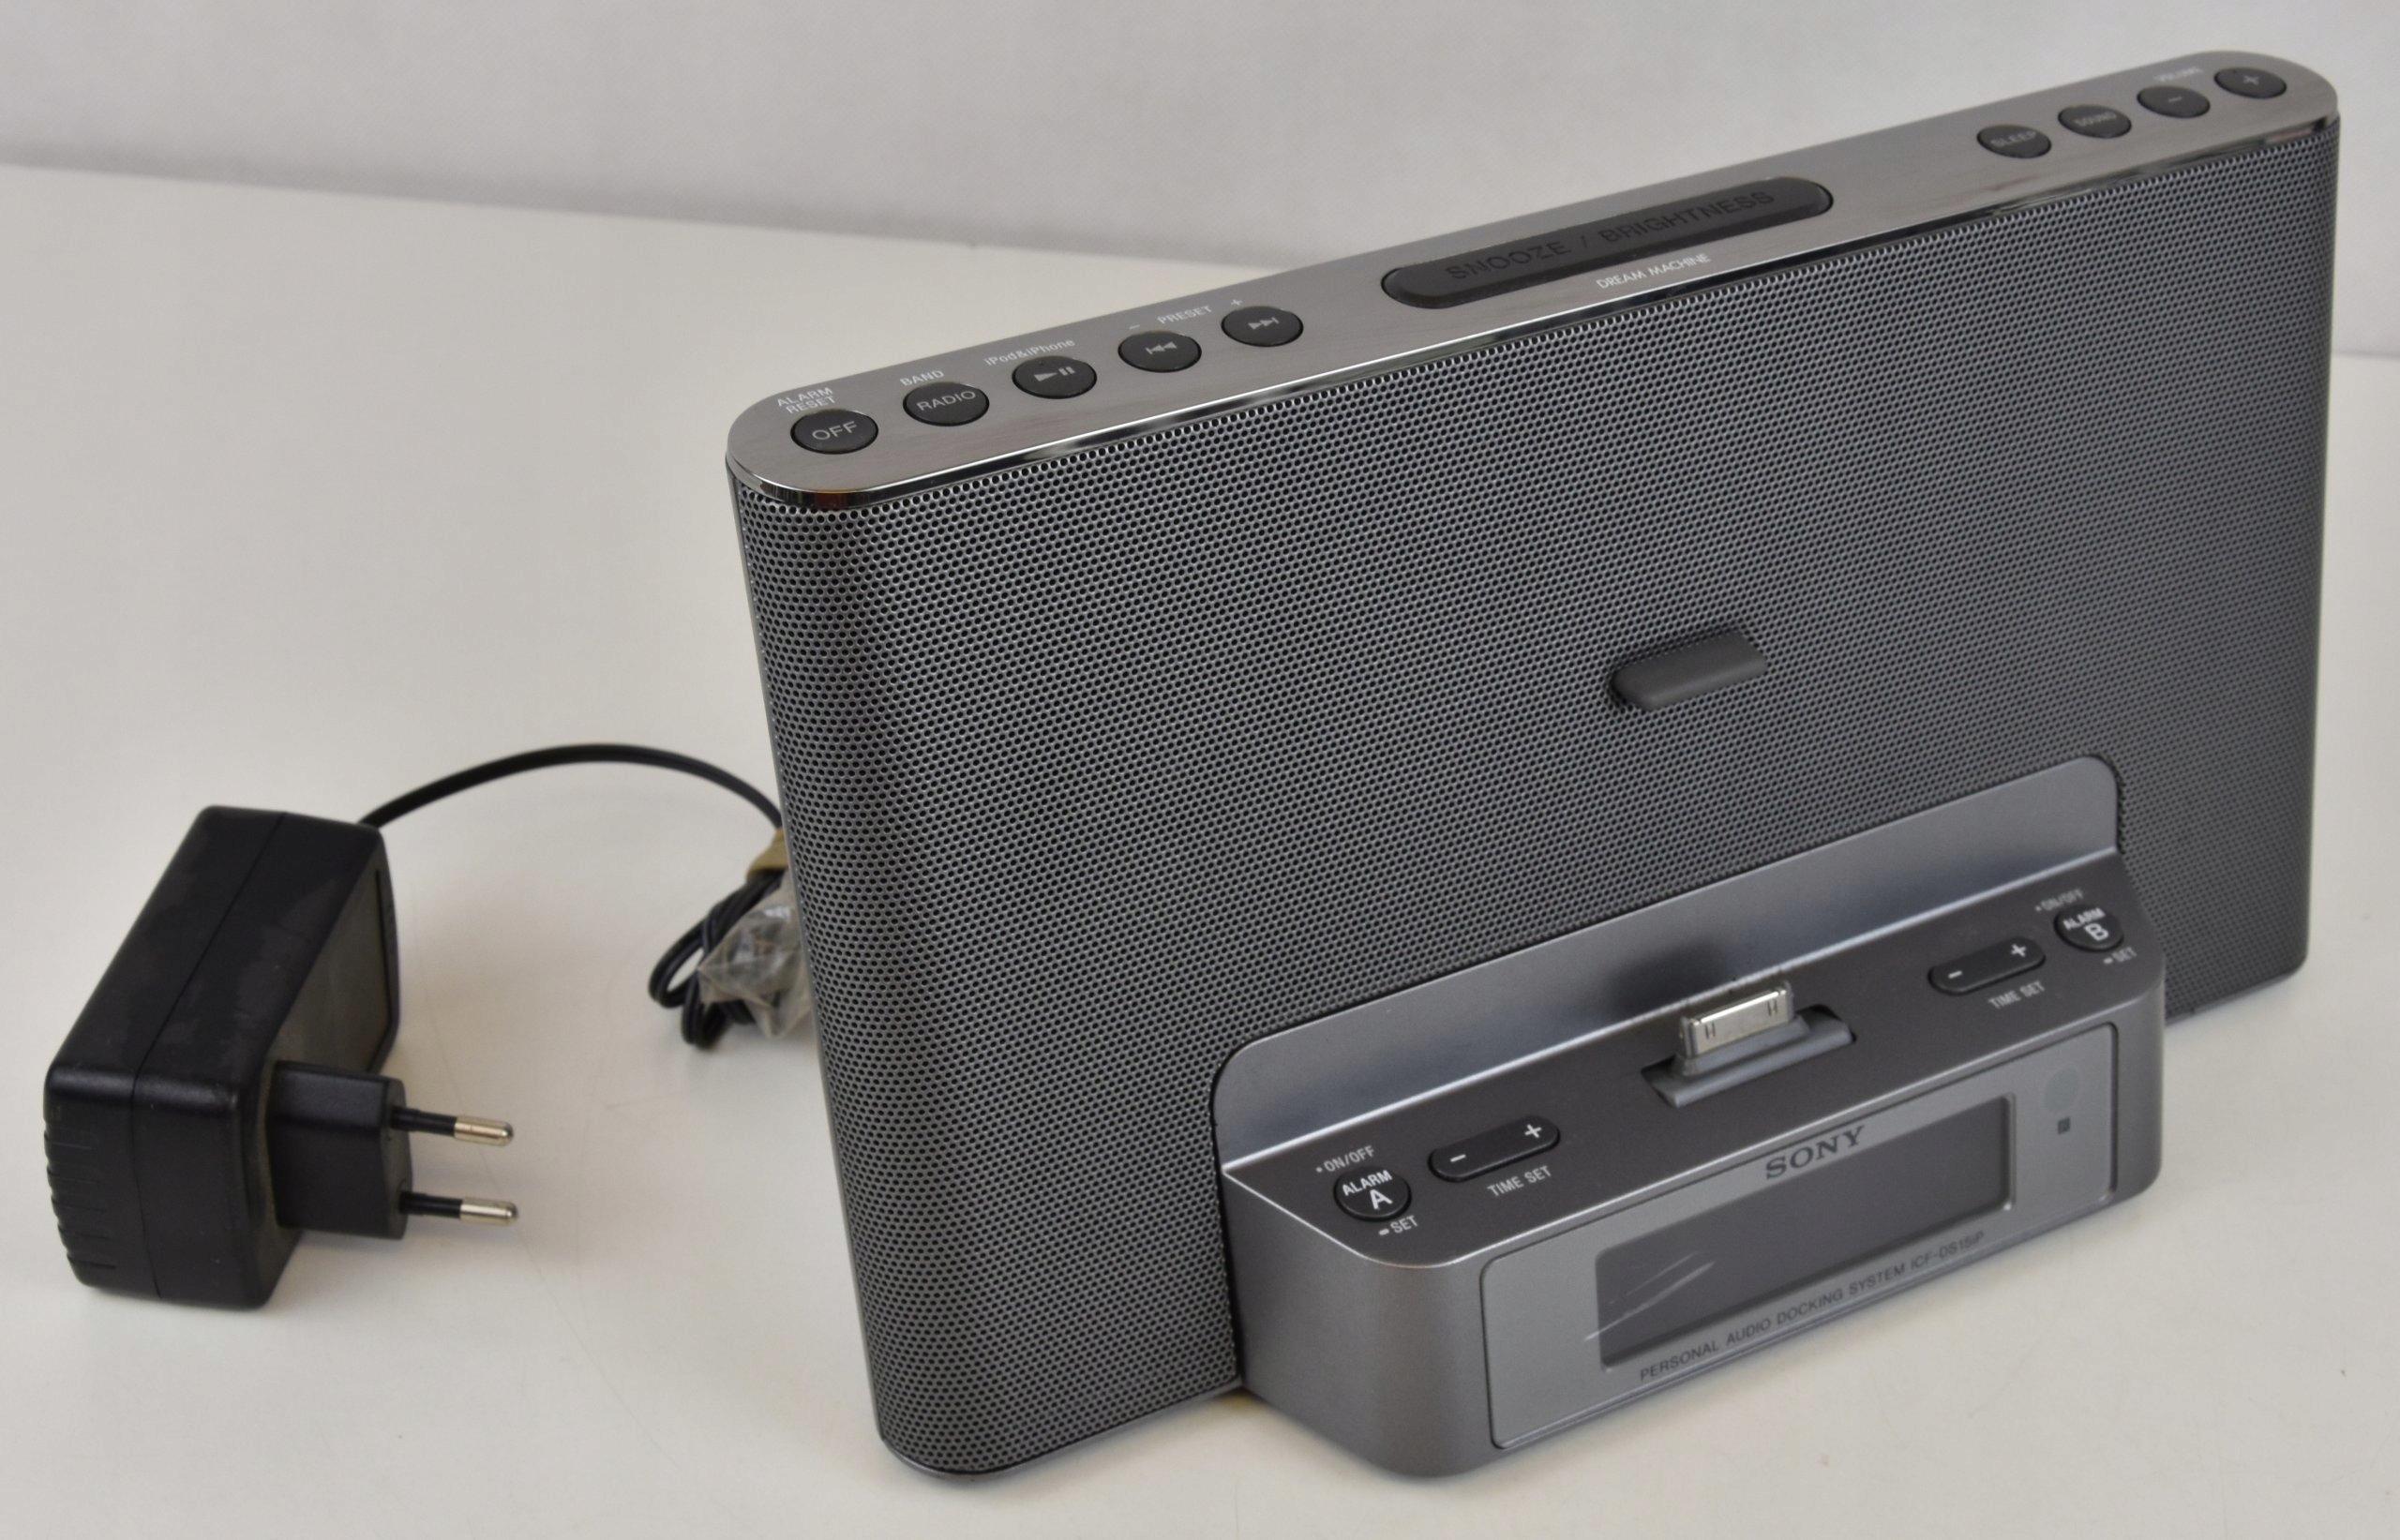 Stacja Dokująca Ipod Iphone Sony ICF-DS15iP